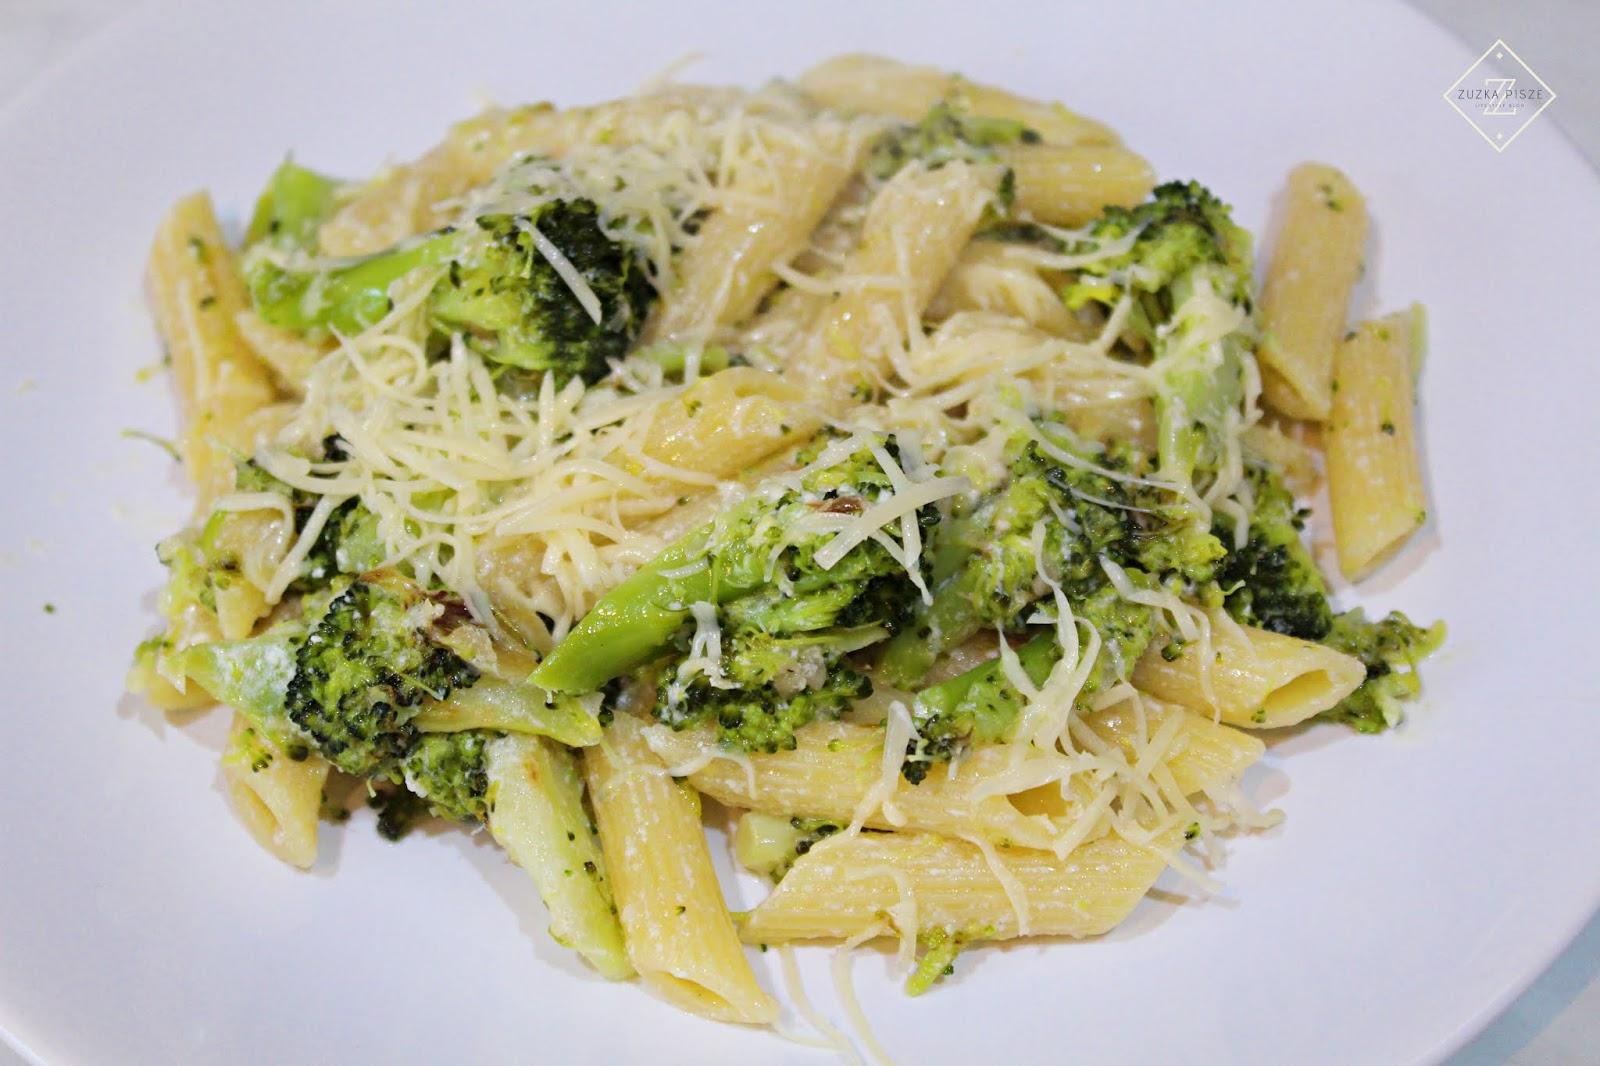 Penne z brokułami w sosie czosnkowo-śmietanowym - przepis